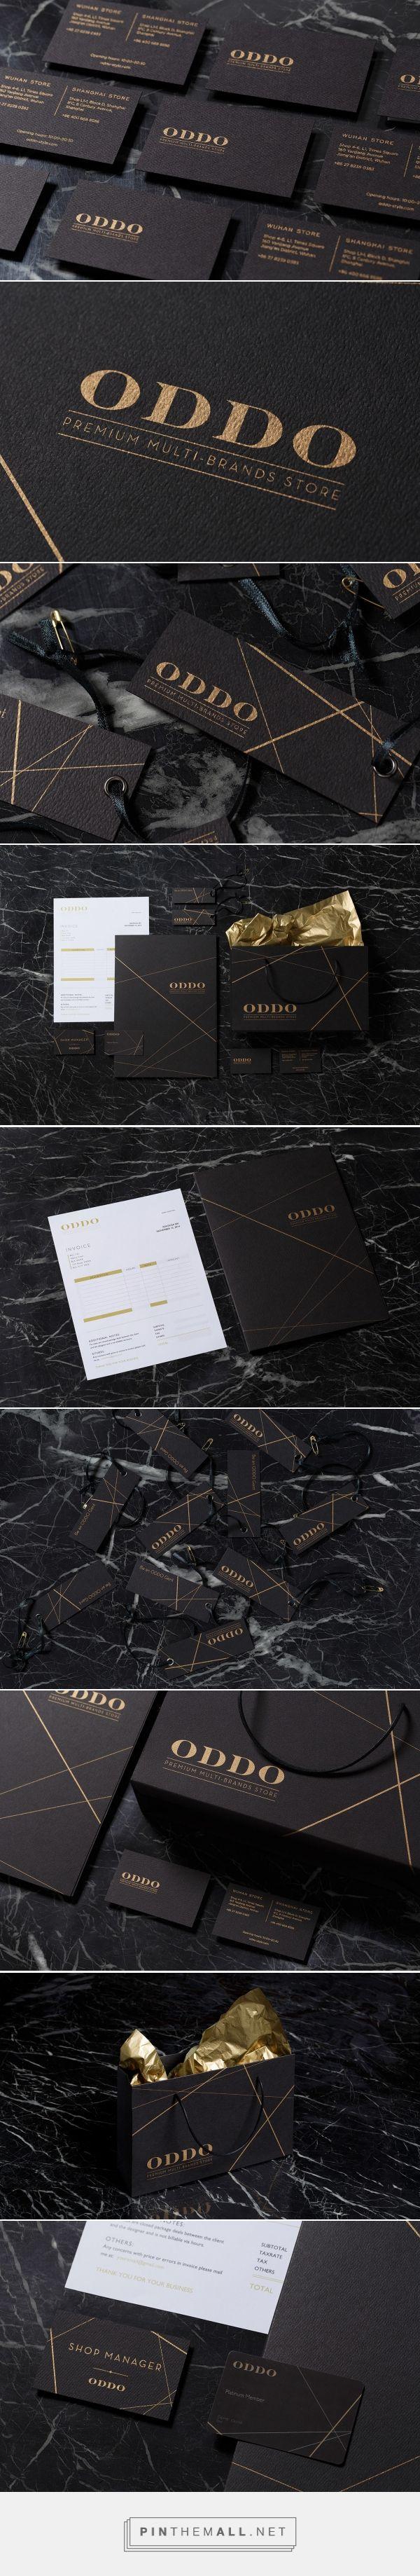 ODDO Branding on Behance | Fivestar Branding – Design and Branding Agency & Inspiration Gallery